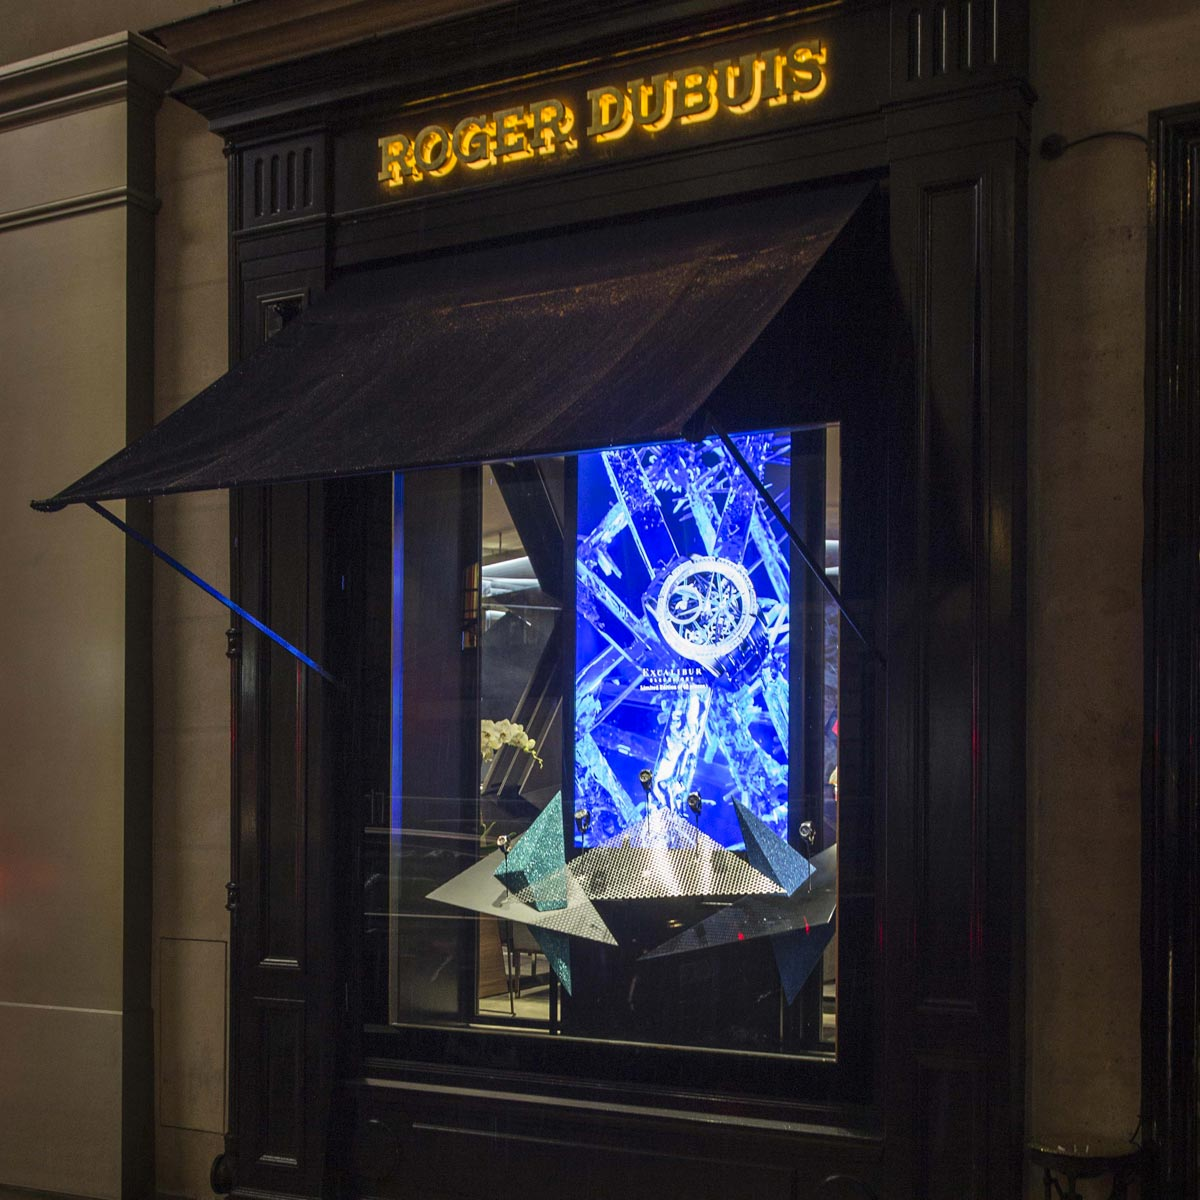 La Cote des Montres : Photo - Roger Dubuis au cœur de Paris